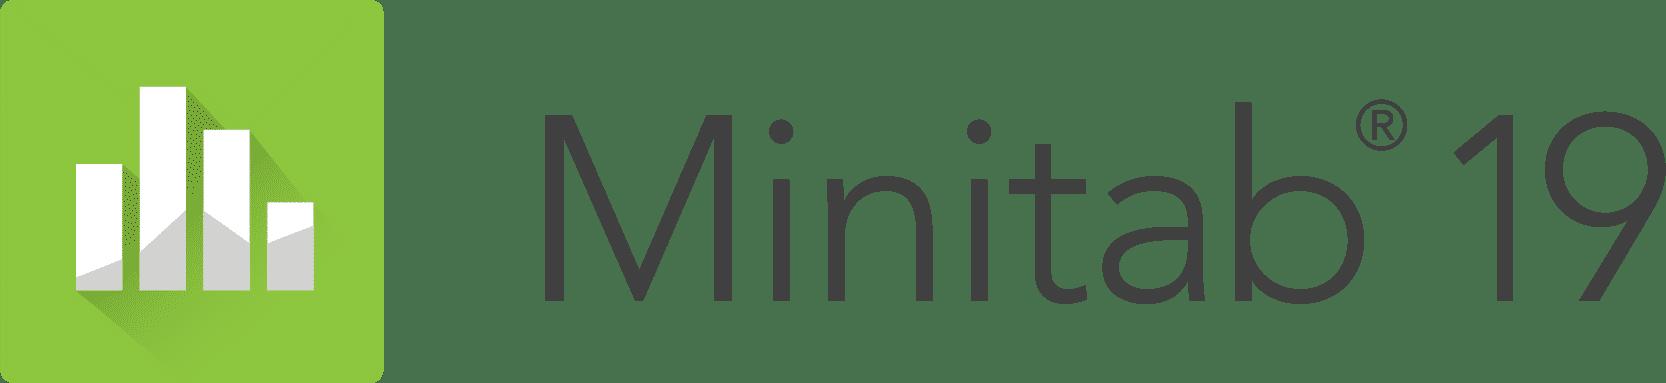 minitab 19 logo